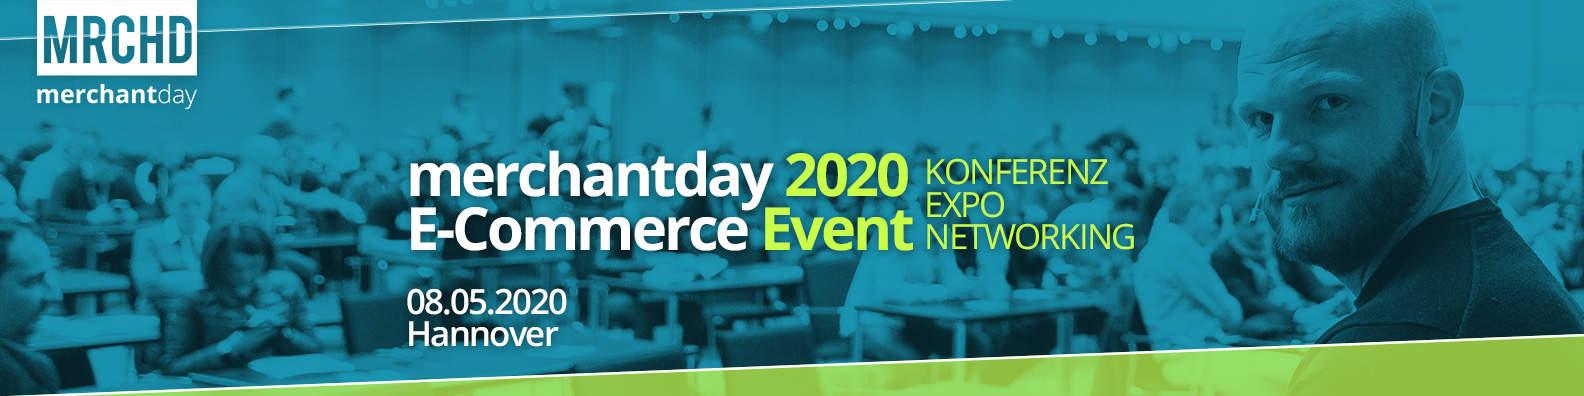 Merchantday - Networking auf einzigartiger Marktplatz-Konferenz 2